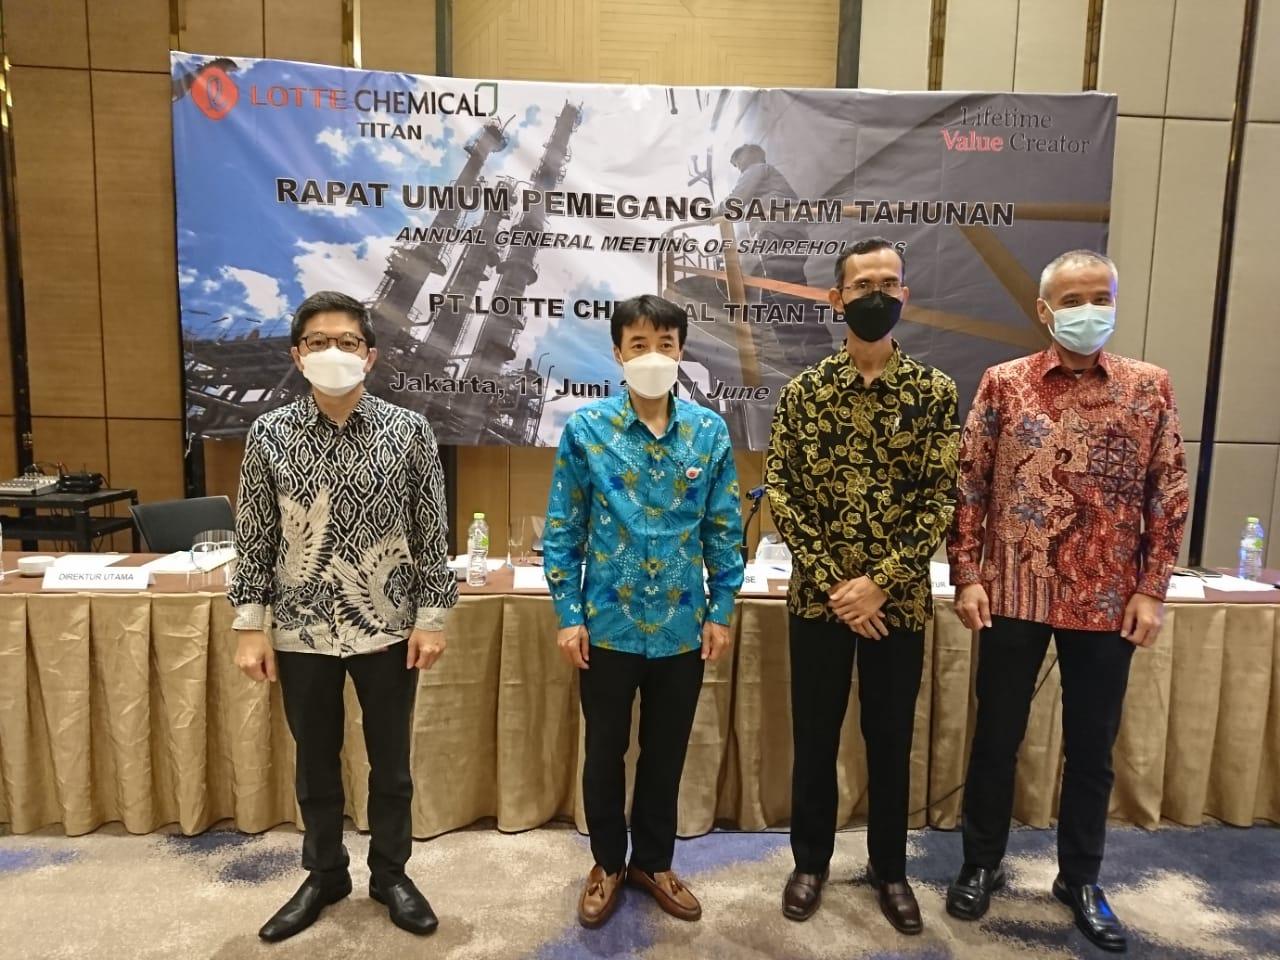 FPNI Capex USD5 Juta, Lotte Chemical (FPNI) Targetkan Penjualan Dalam Negeri Tumbuh 5 Persen